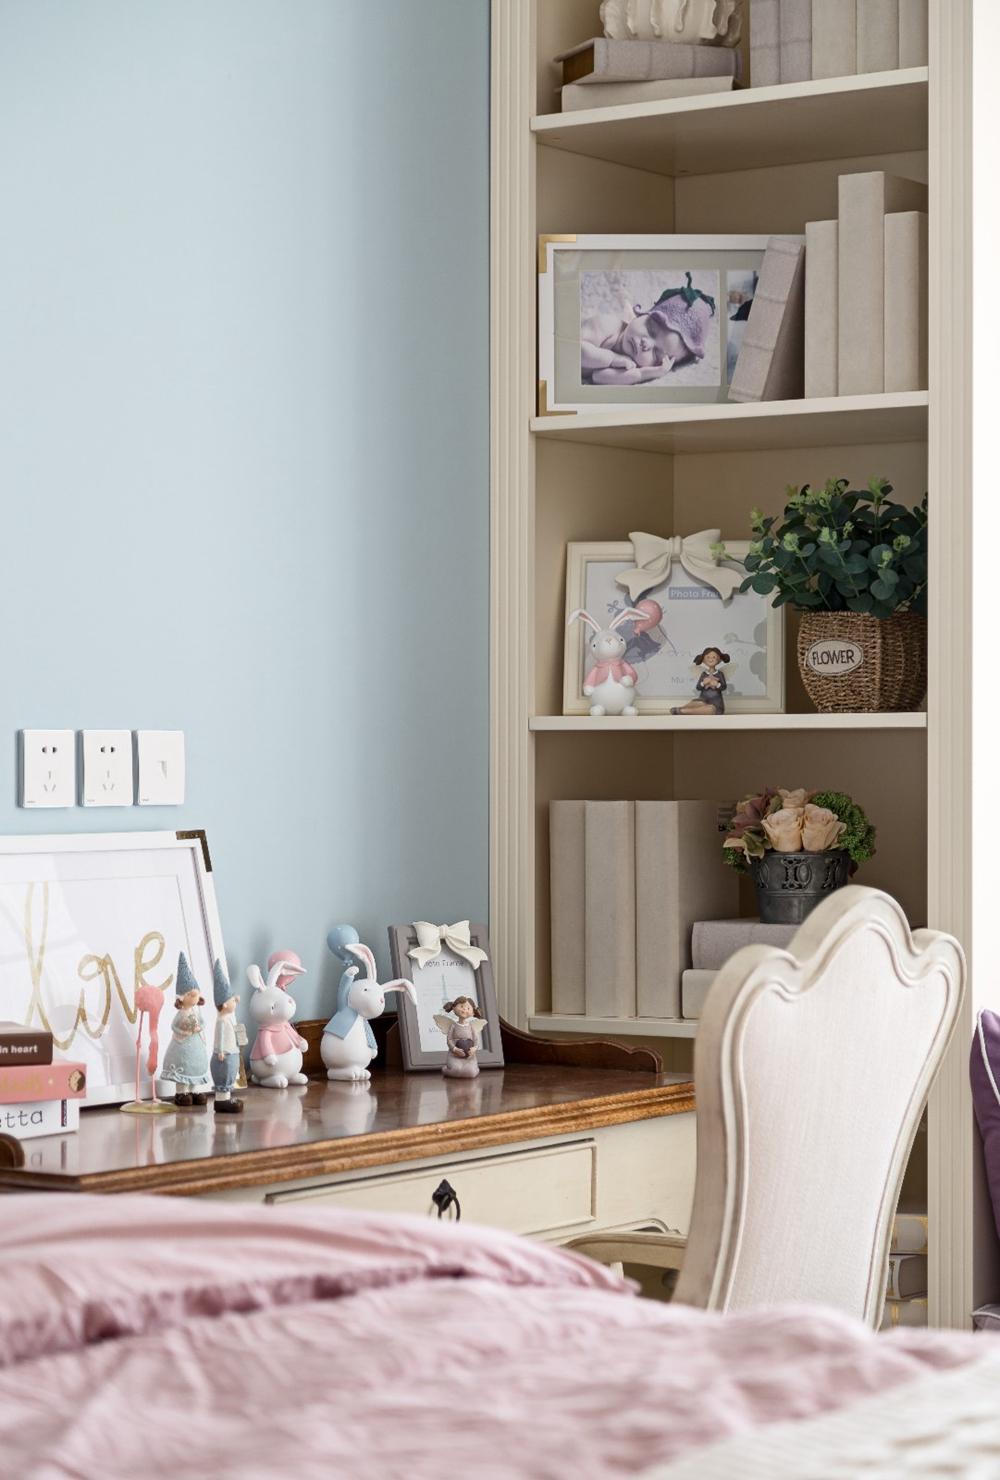 童趣背景墙设计感强烈,书柜设计键约束是,与窗帘形成雅致的视觉空间。